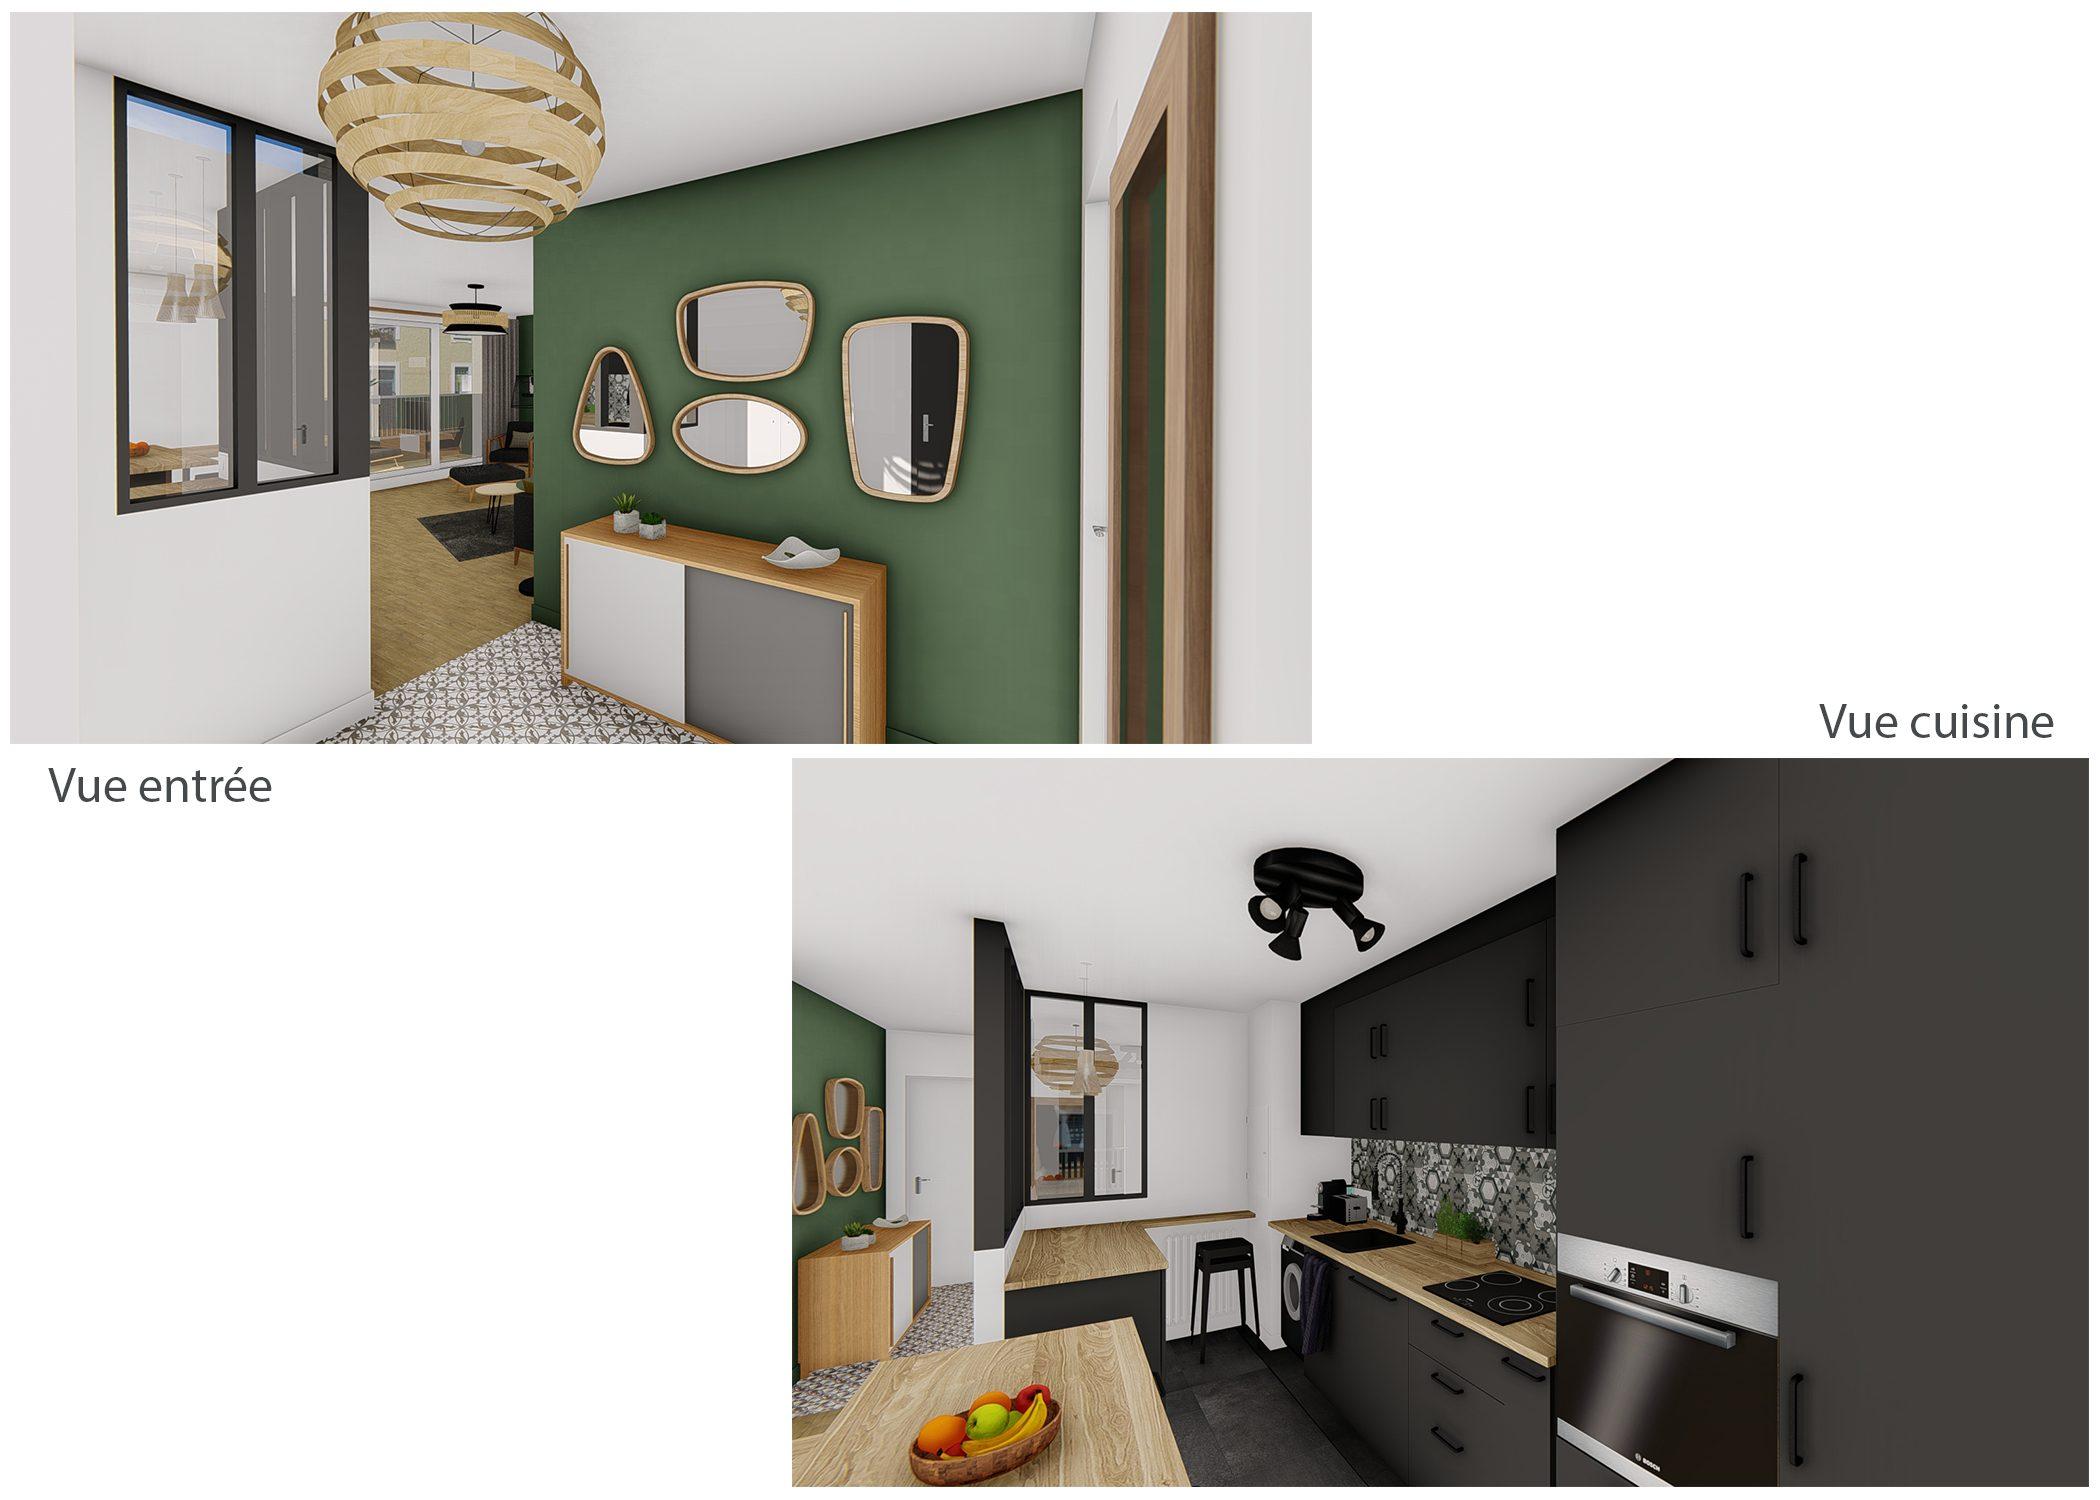 decoration-vues entrée et cuisine-paris-dekho design